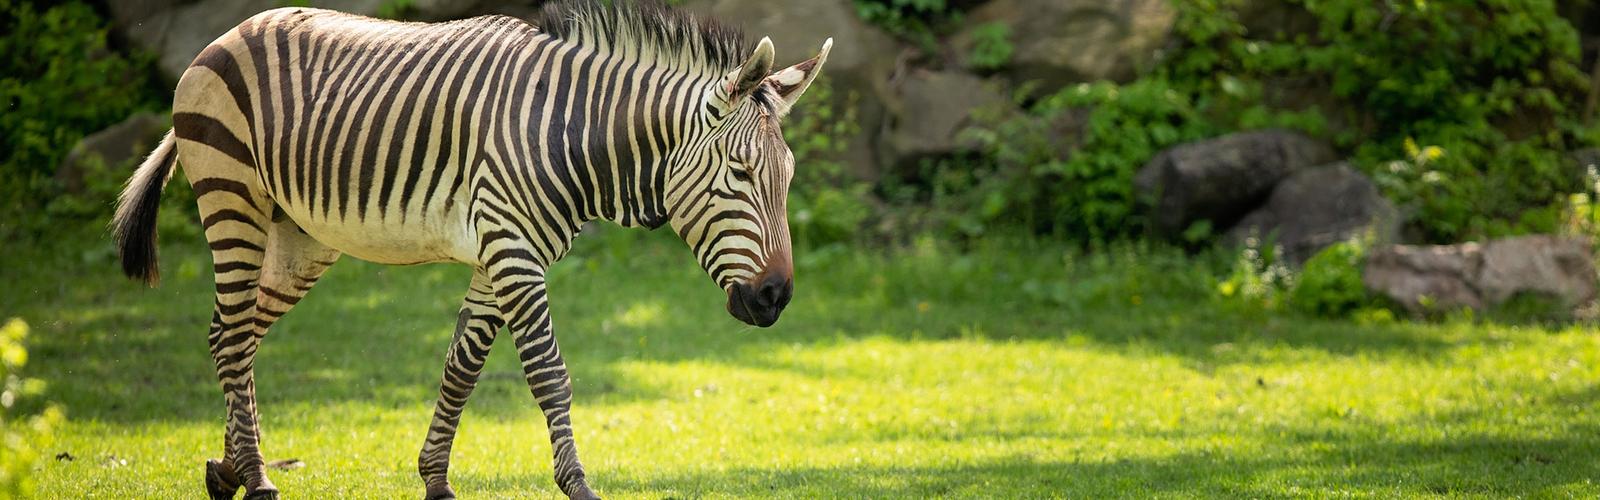 Zebra walking in shade